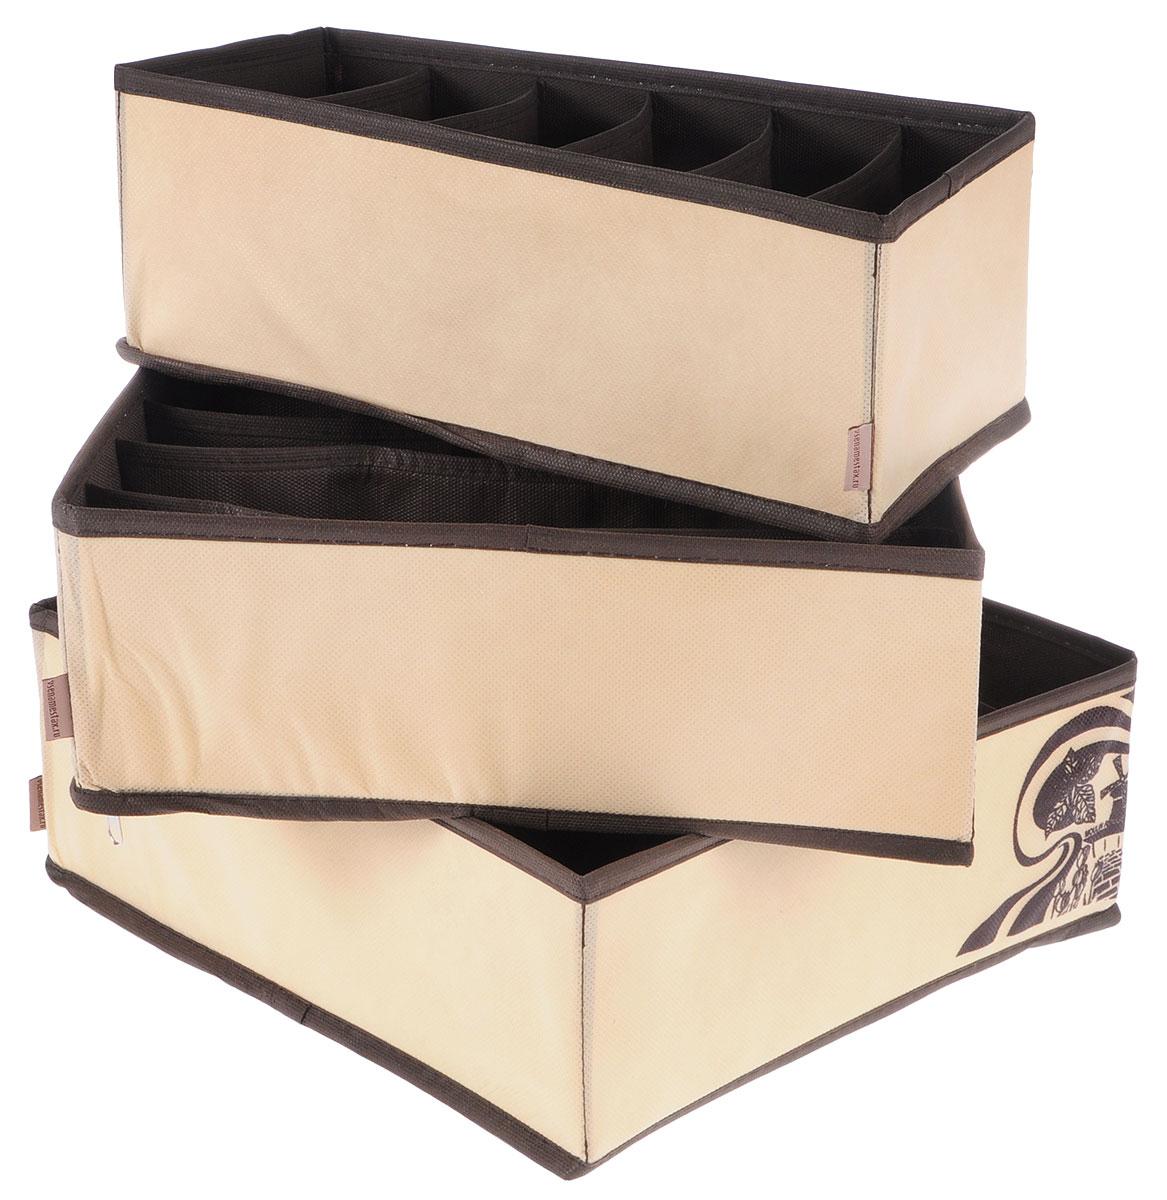 Набор органайзеров для белья Все на местах Париж, цвет: коричневый, бежевый, 3 предмета1001001Набор состоит из трех органайзеров для хранения косметики и аксессуаров, а также белья.Изделия выполнены из высококачественного нетканого материала (спанбонда), которыйобеспечивает естественную вентиляцию, позволяя воздуху проникать внутрь, но не пропускаетпыль. Вставки из ПВХ хорошо держат форму.Набор органайзеров для косметики и аксессуаров поможет привести элементы женского туалета или белья в порядок. Оригинальный дизайн придется по вкусу ценительницам эстетичного хранения. Размер органайзеров: 32 см х 32 см х 11 см; 32 см х 32 см х 11 см, 32 см х 16 см х 11 см.